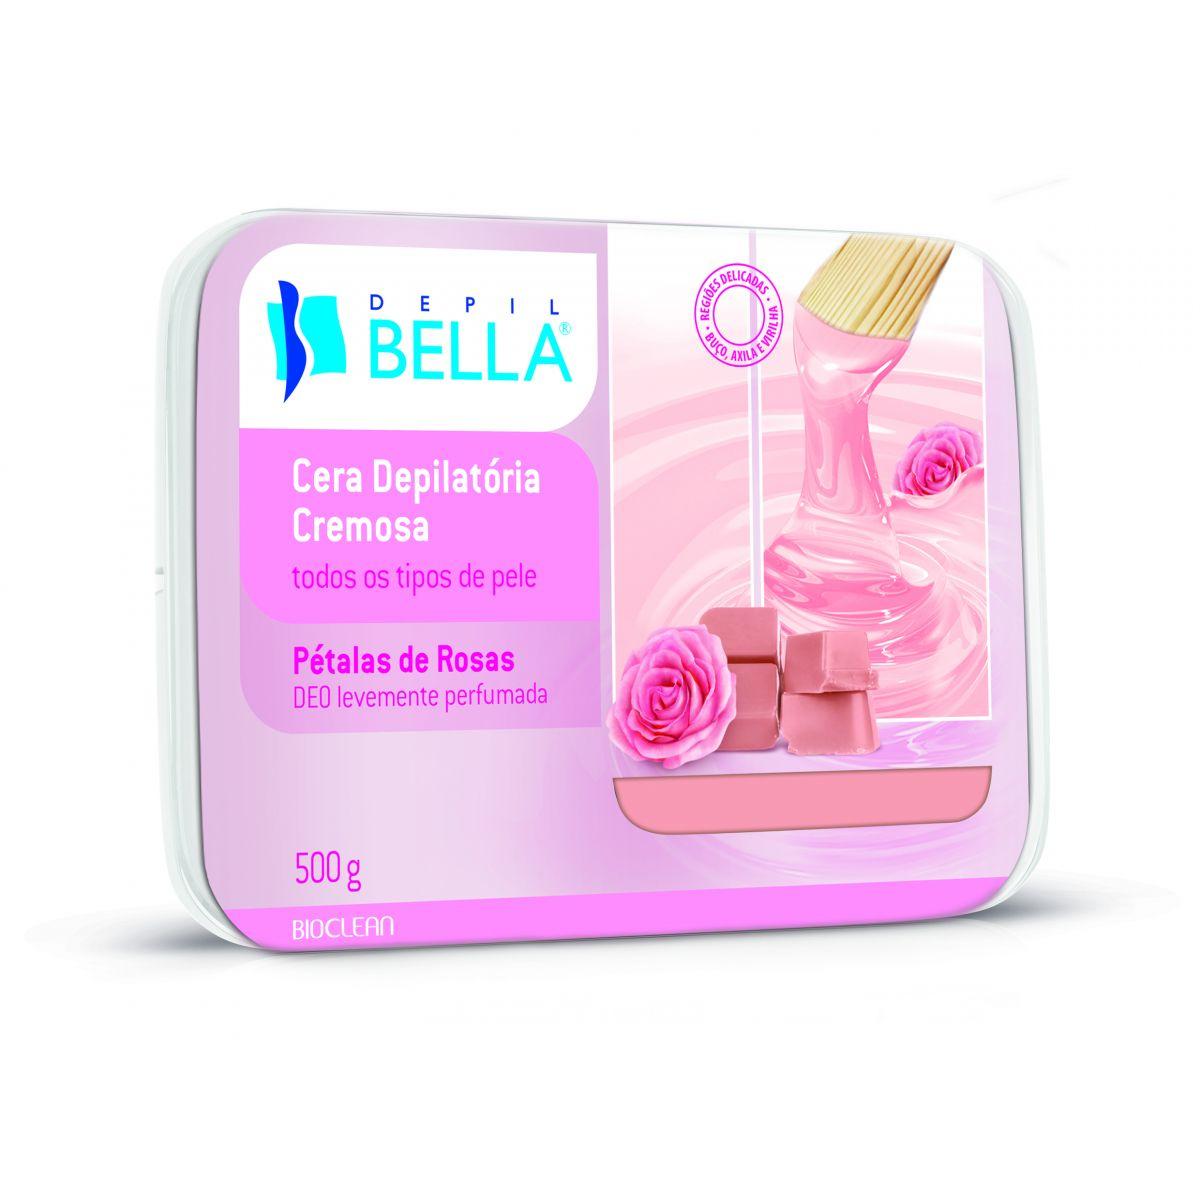 Cera Depilatória Cremosa em Cubos Pétalas de Rosas - Depil Bella